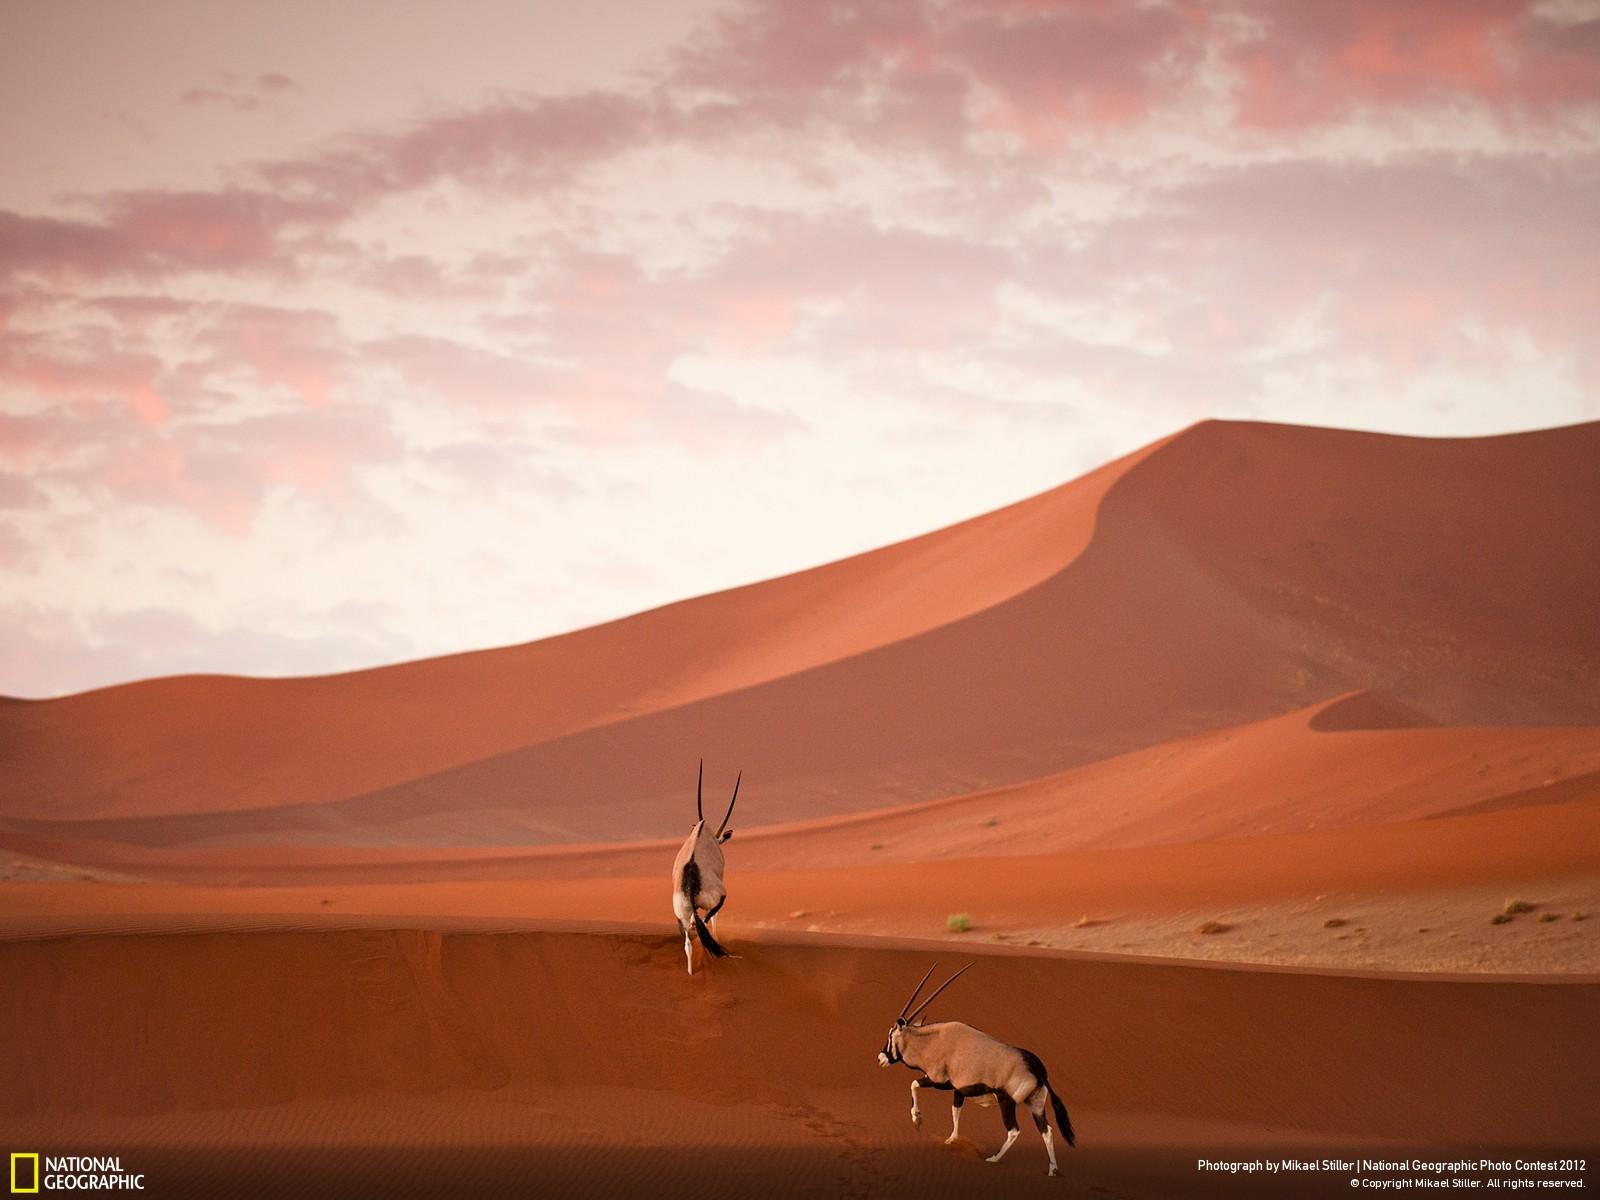 42 Лучшие фотографии за 2012 год по версии National Geographic